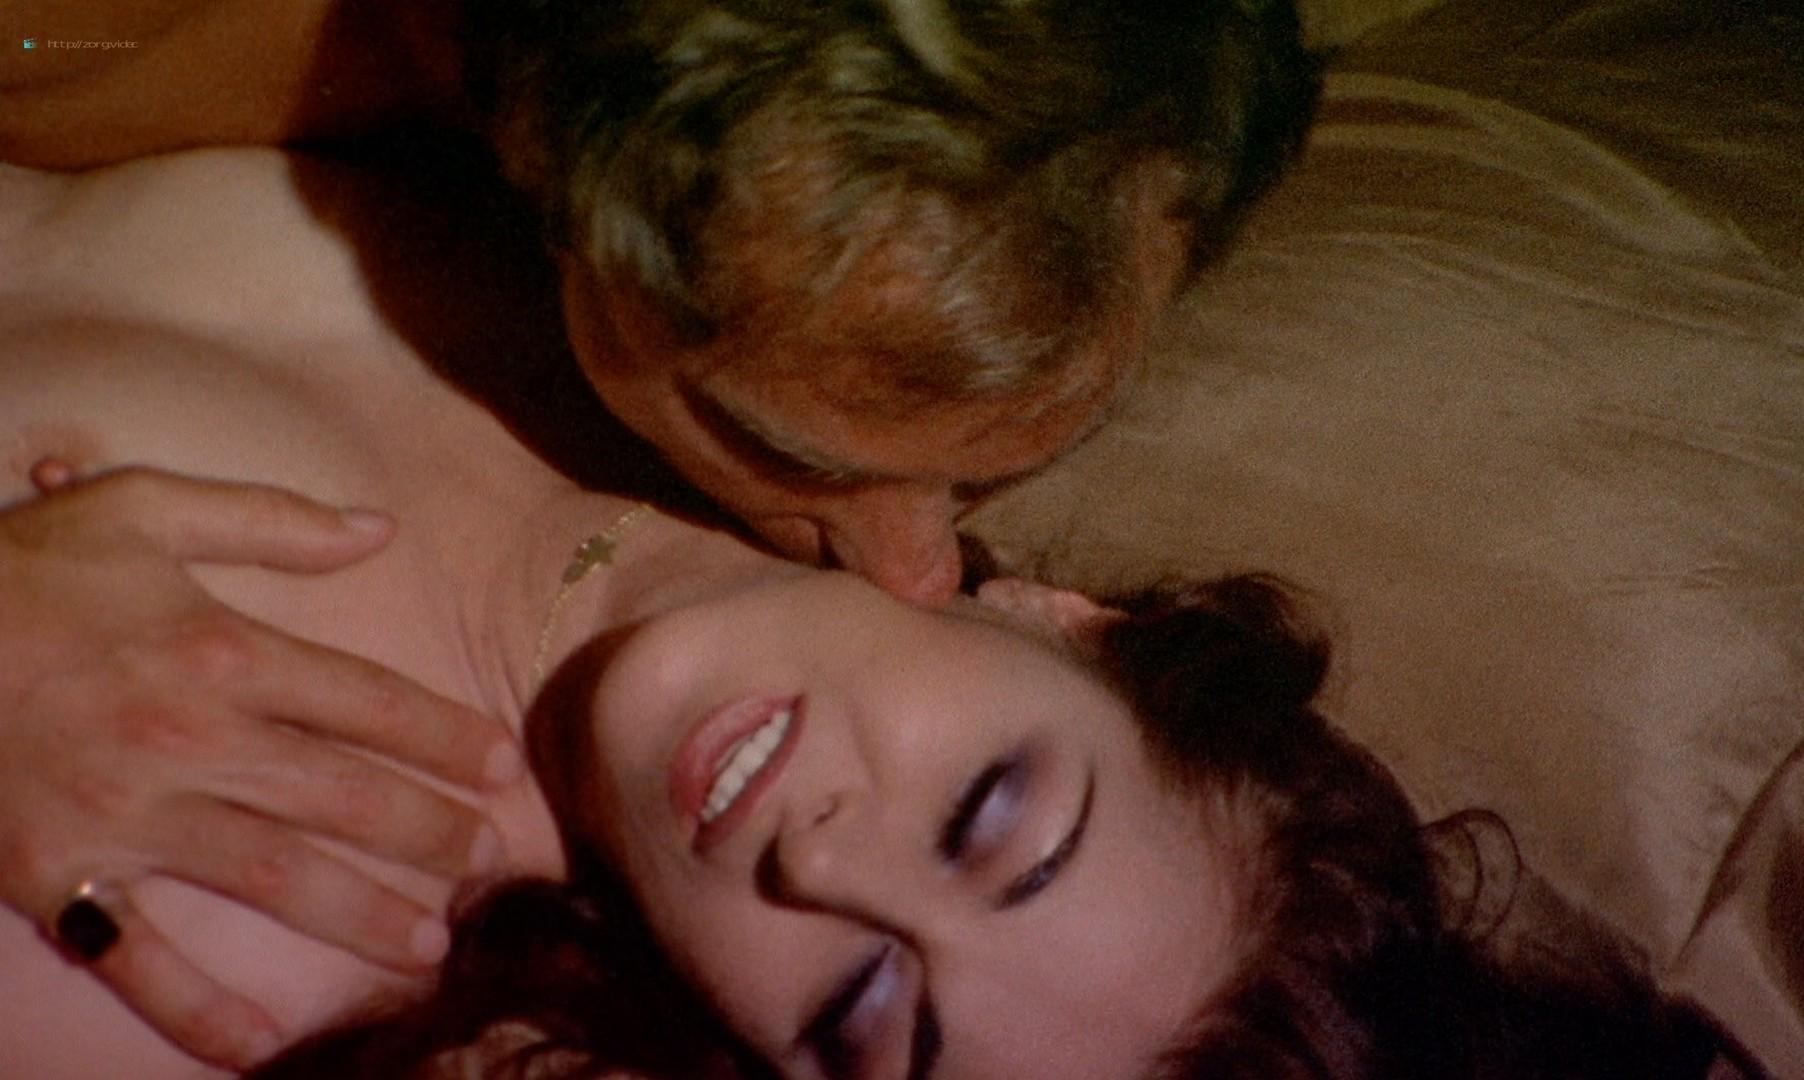 Leonora Fani nude full frontal Mariangela Giordano bush and hot sex - Giallo a venezia (1979) HD 1080p BluRay REMUX (8)